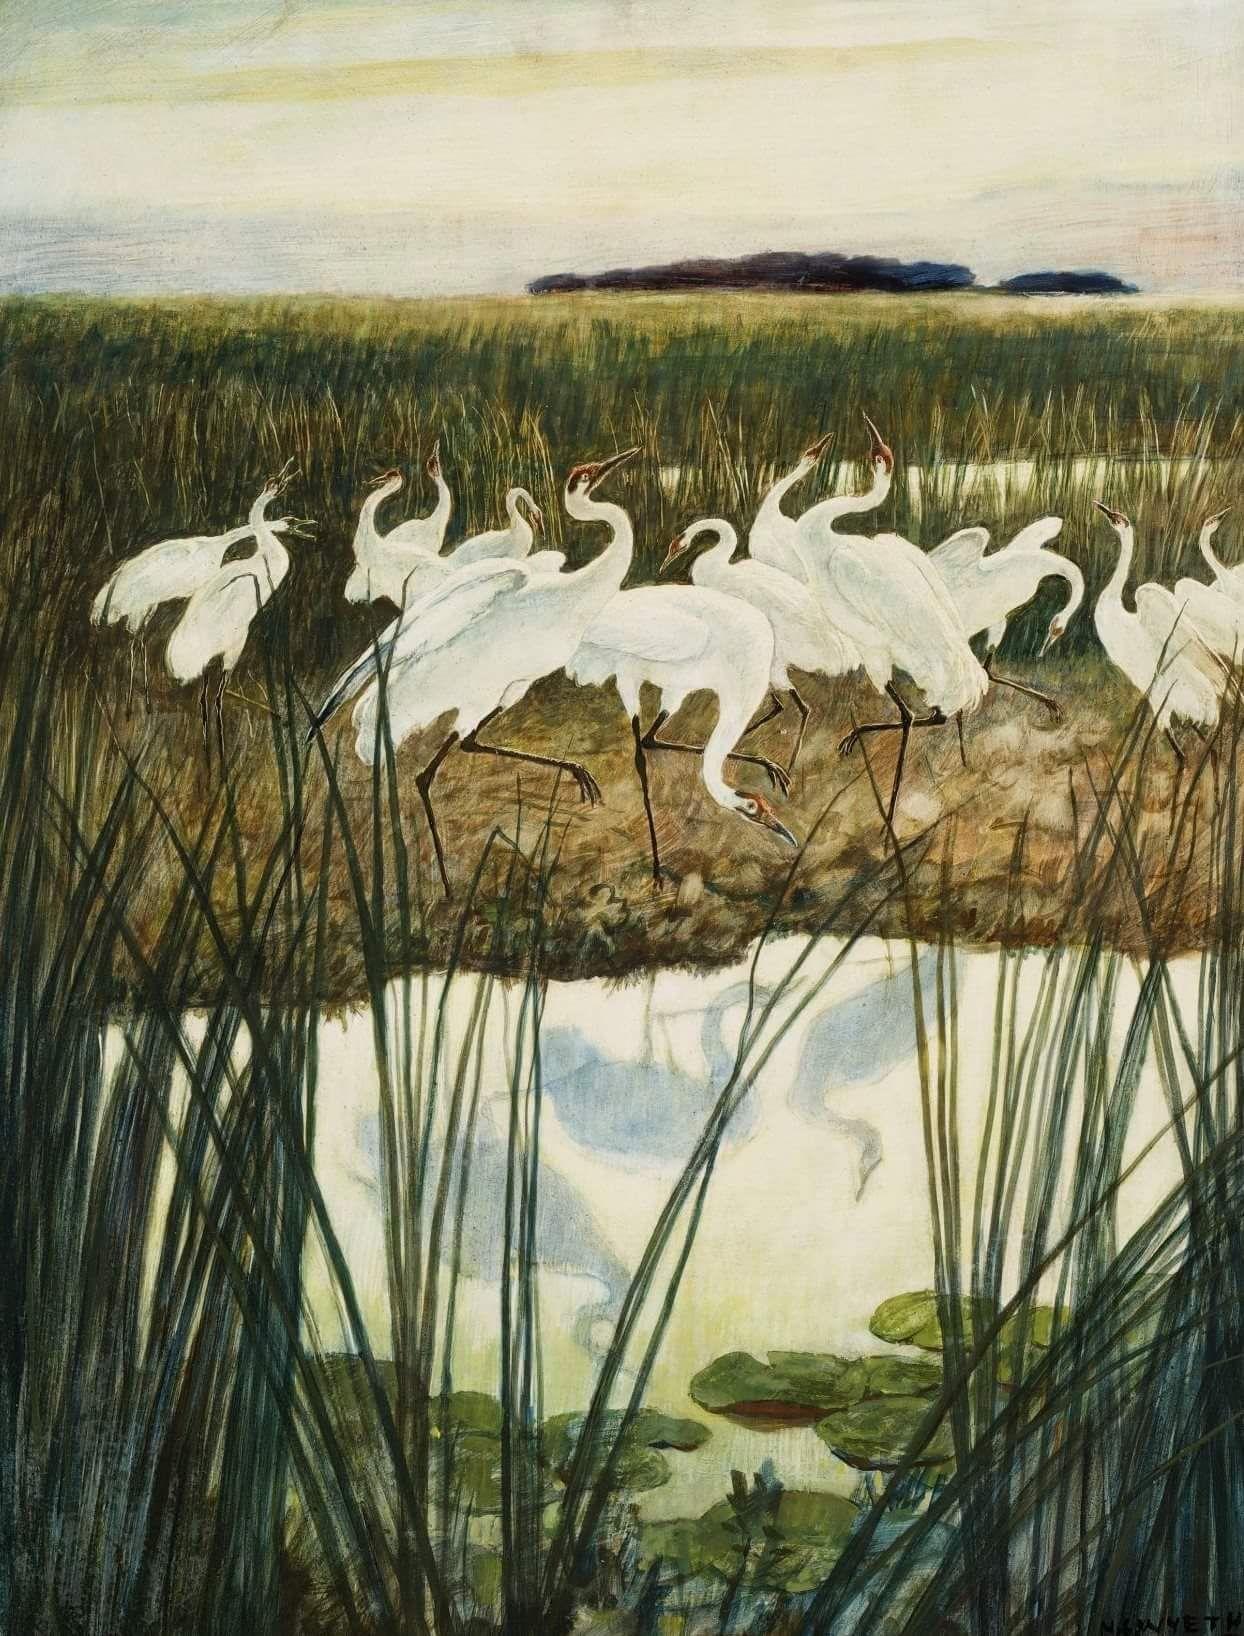 N.C Wyeth | Иллюстрации, Большая картина, Картины